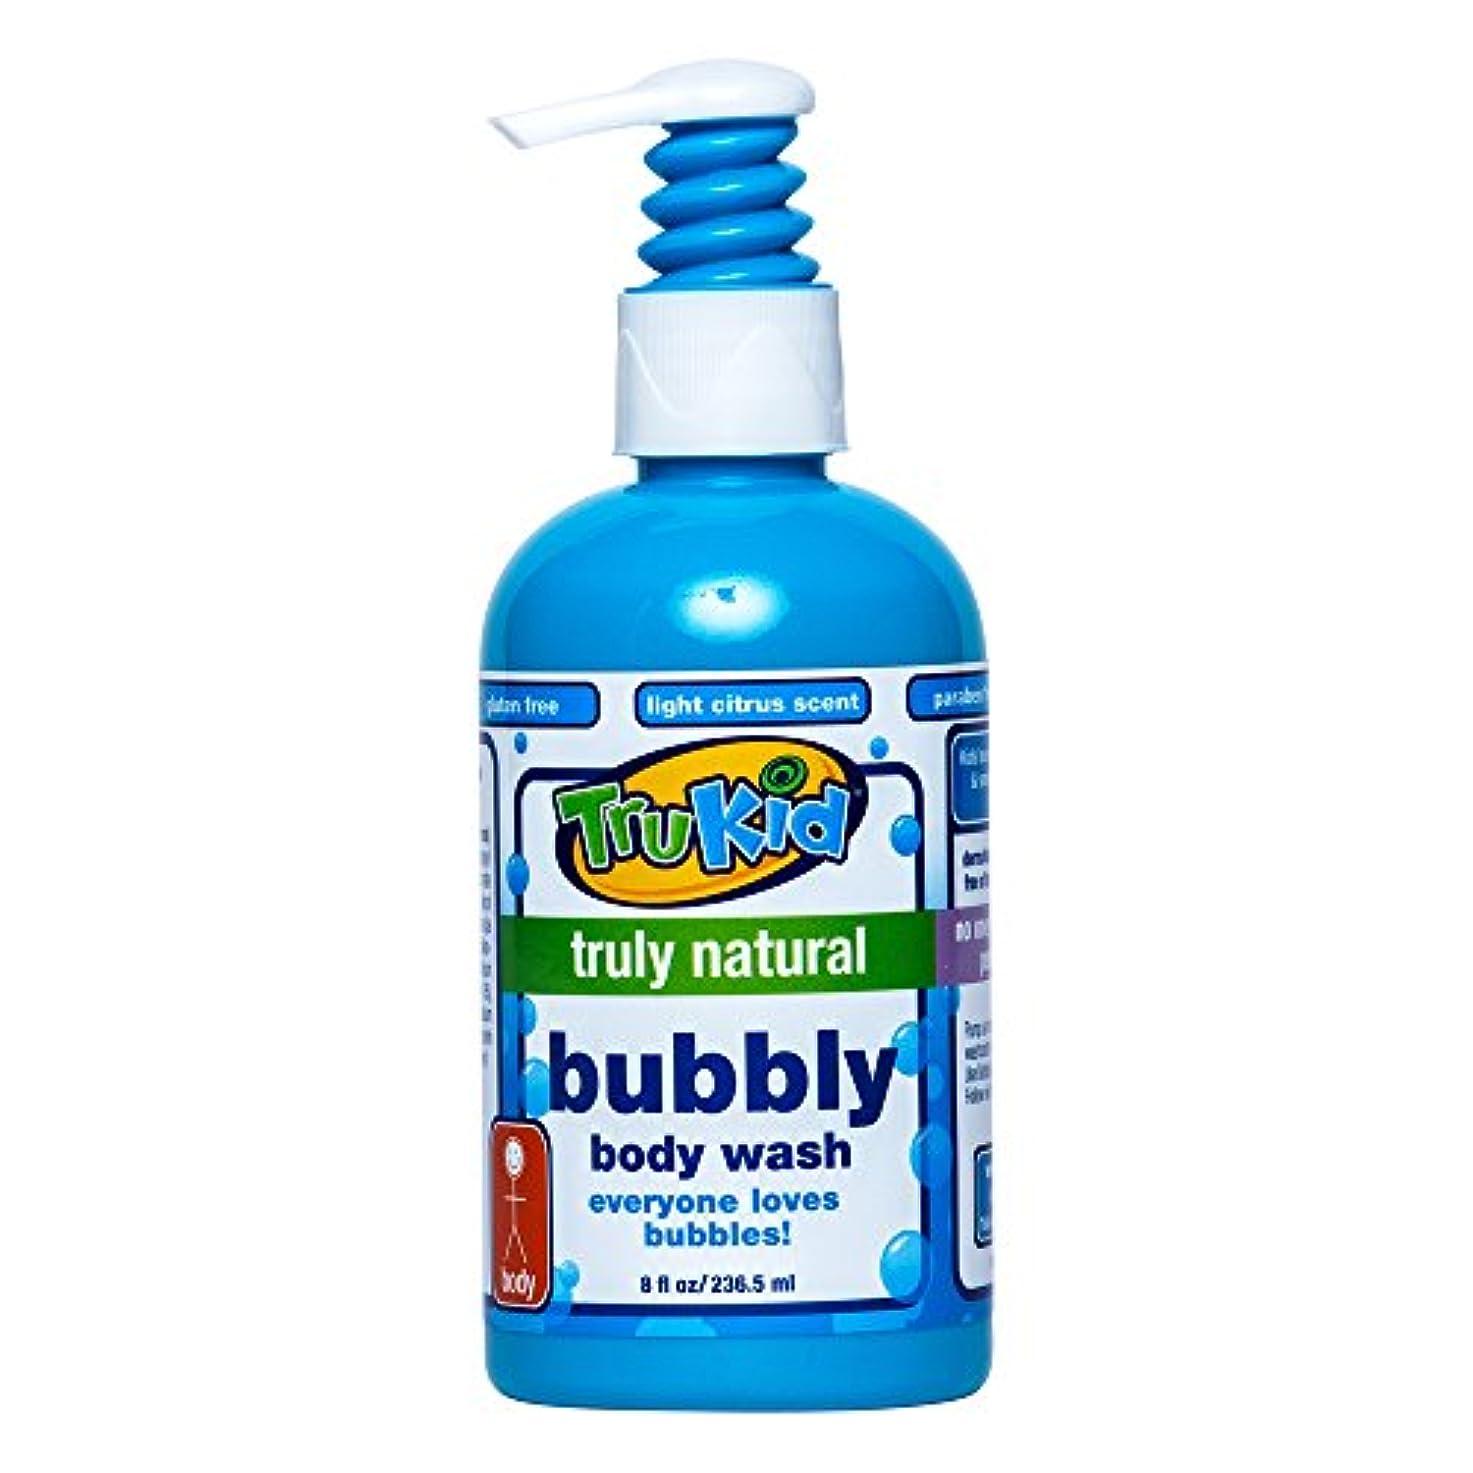 サーバント椅子激しいTruKid, Bubbly Body Wash, 8 fl oz (236.5 ml)